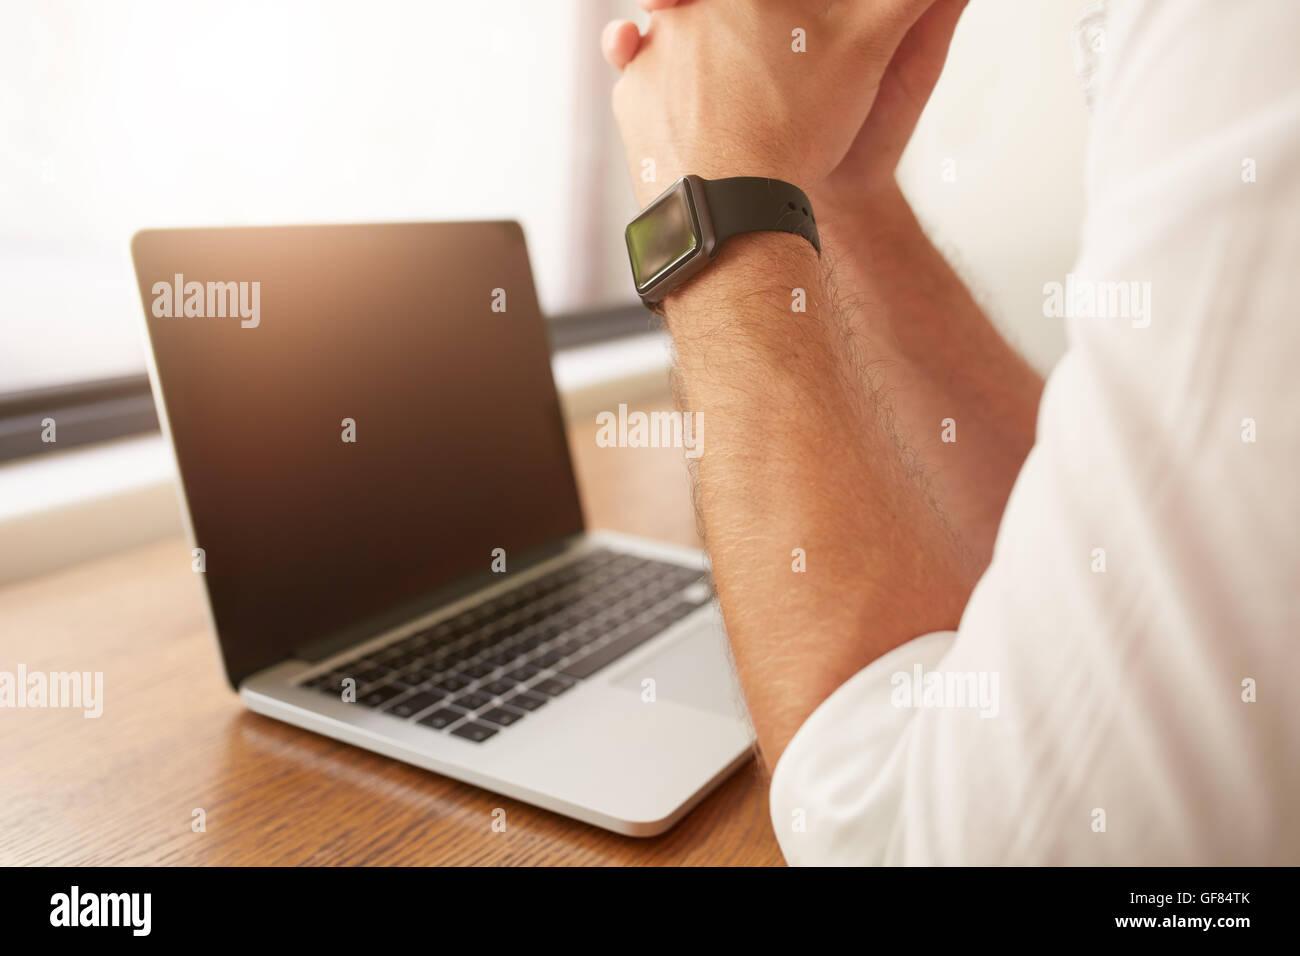 Cerca del hombre sentado en su escritorio con ordenador portátil, él está usando un smartwatch. Imagen De Stock